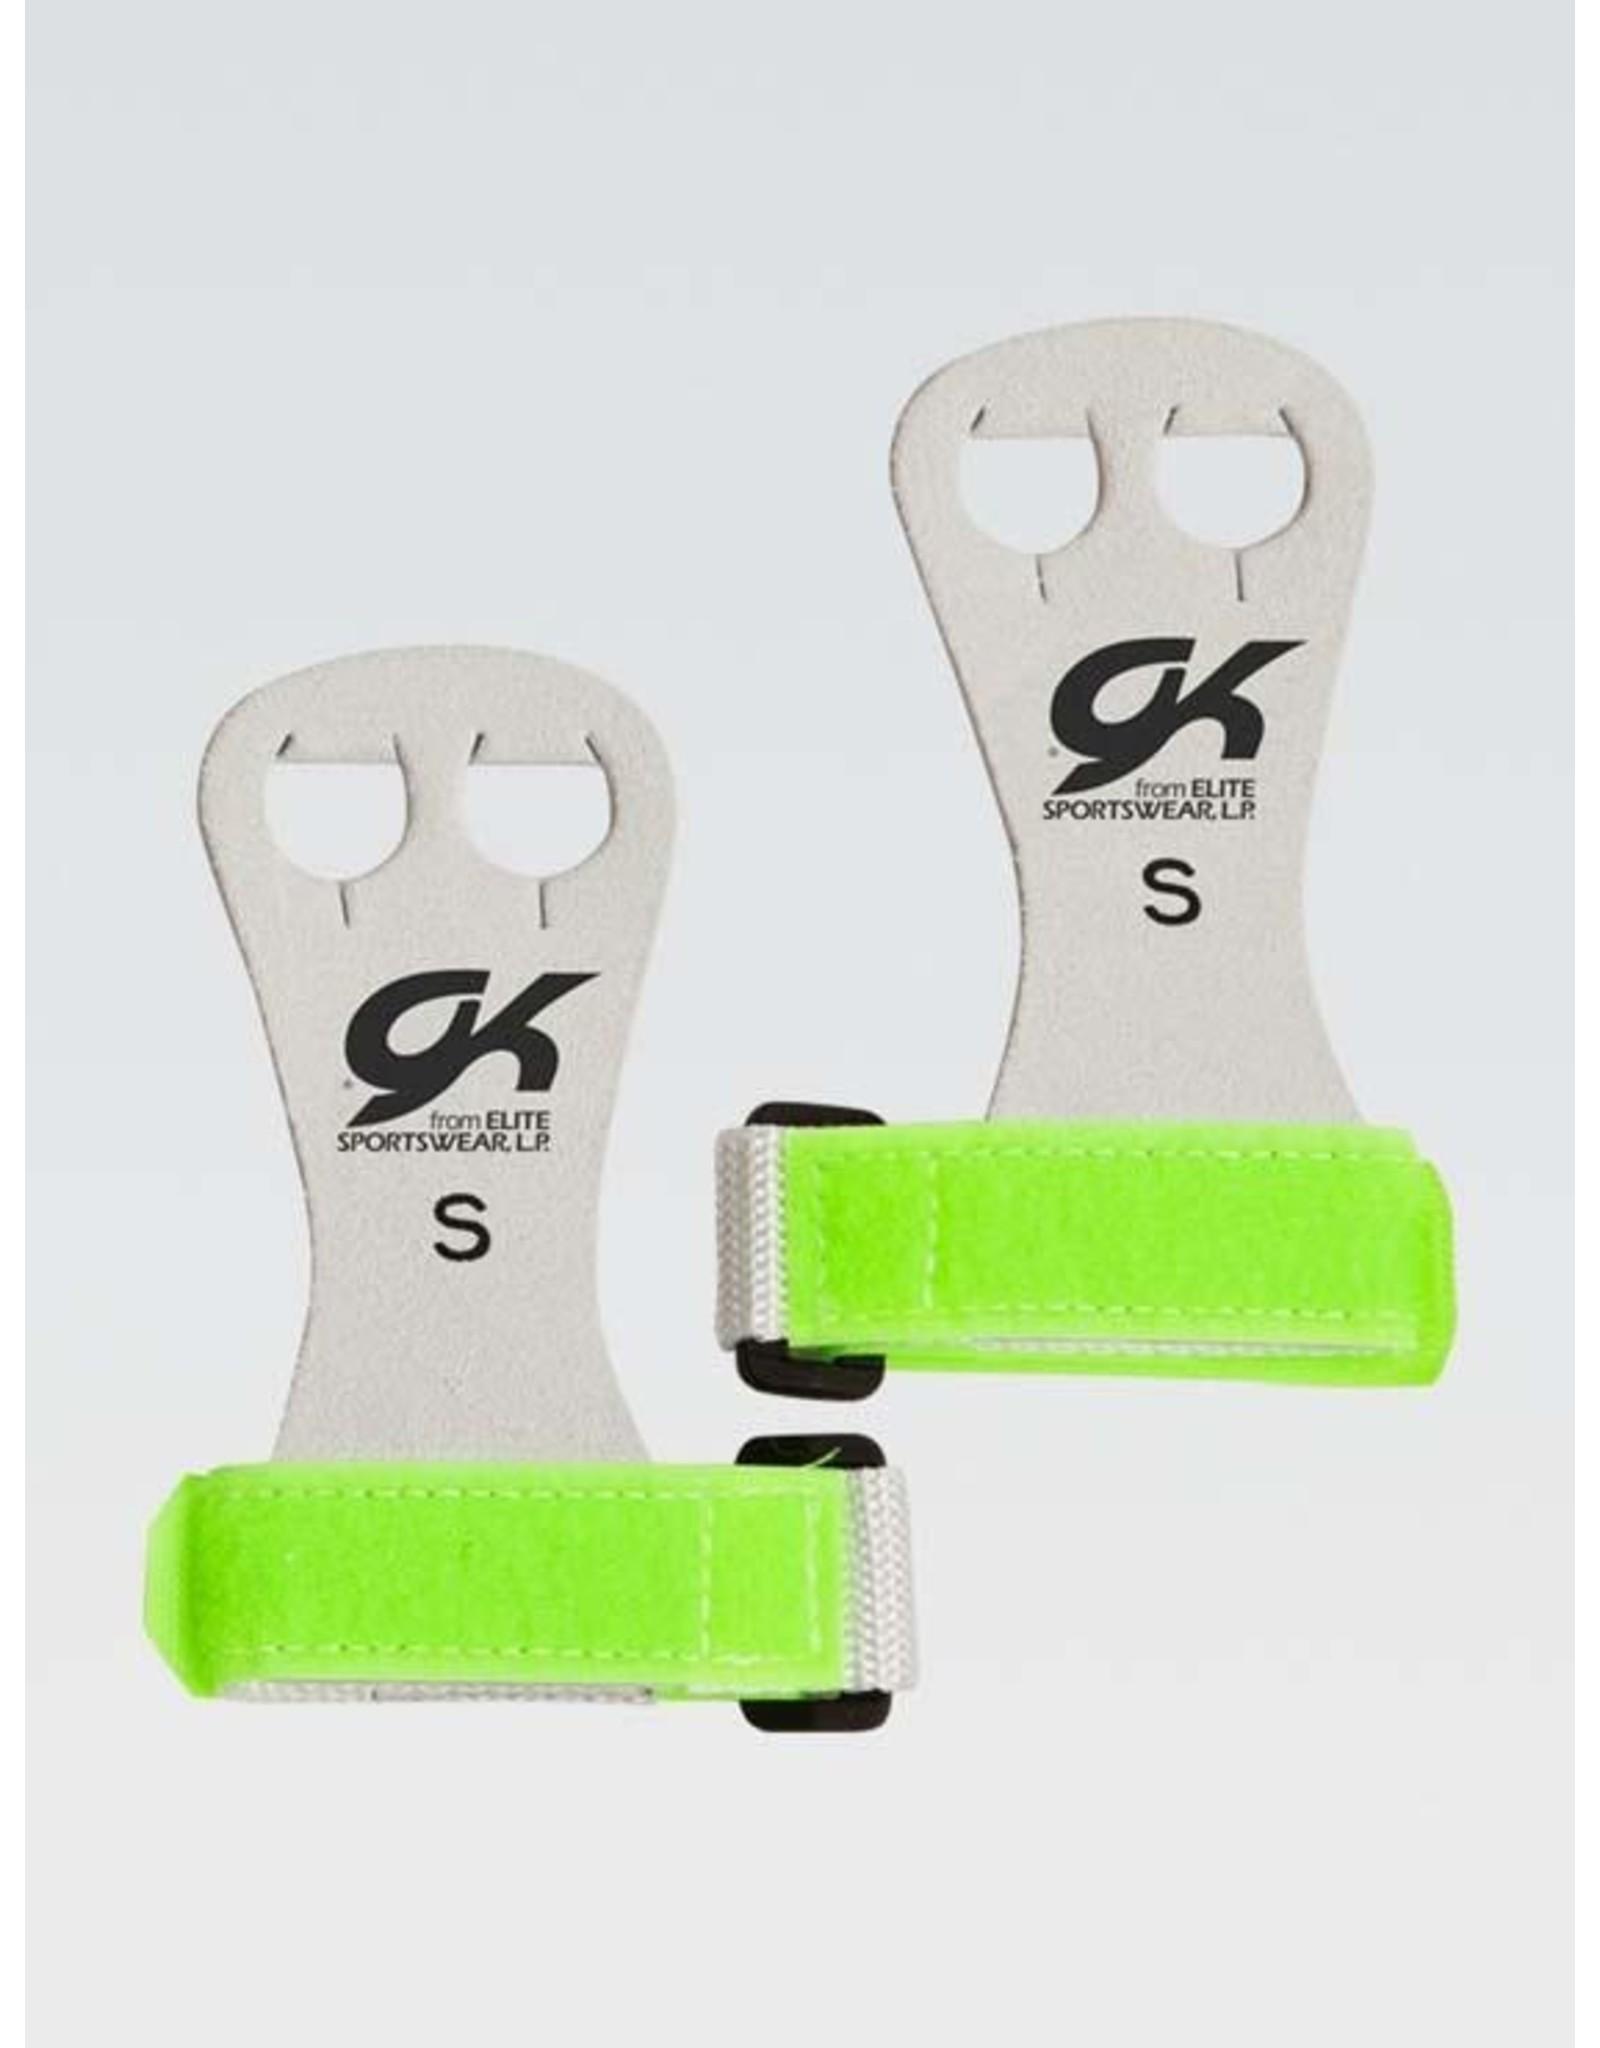 GK Elite Grips